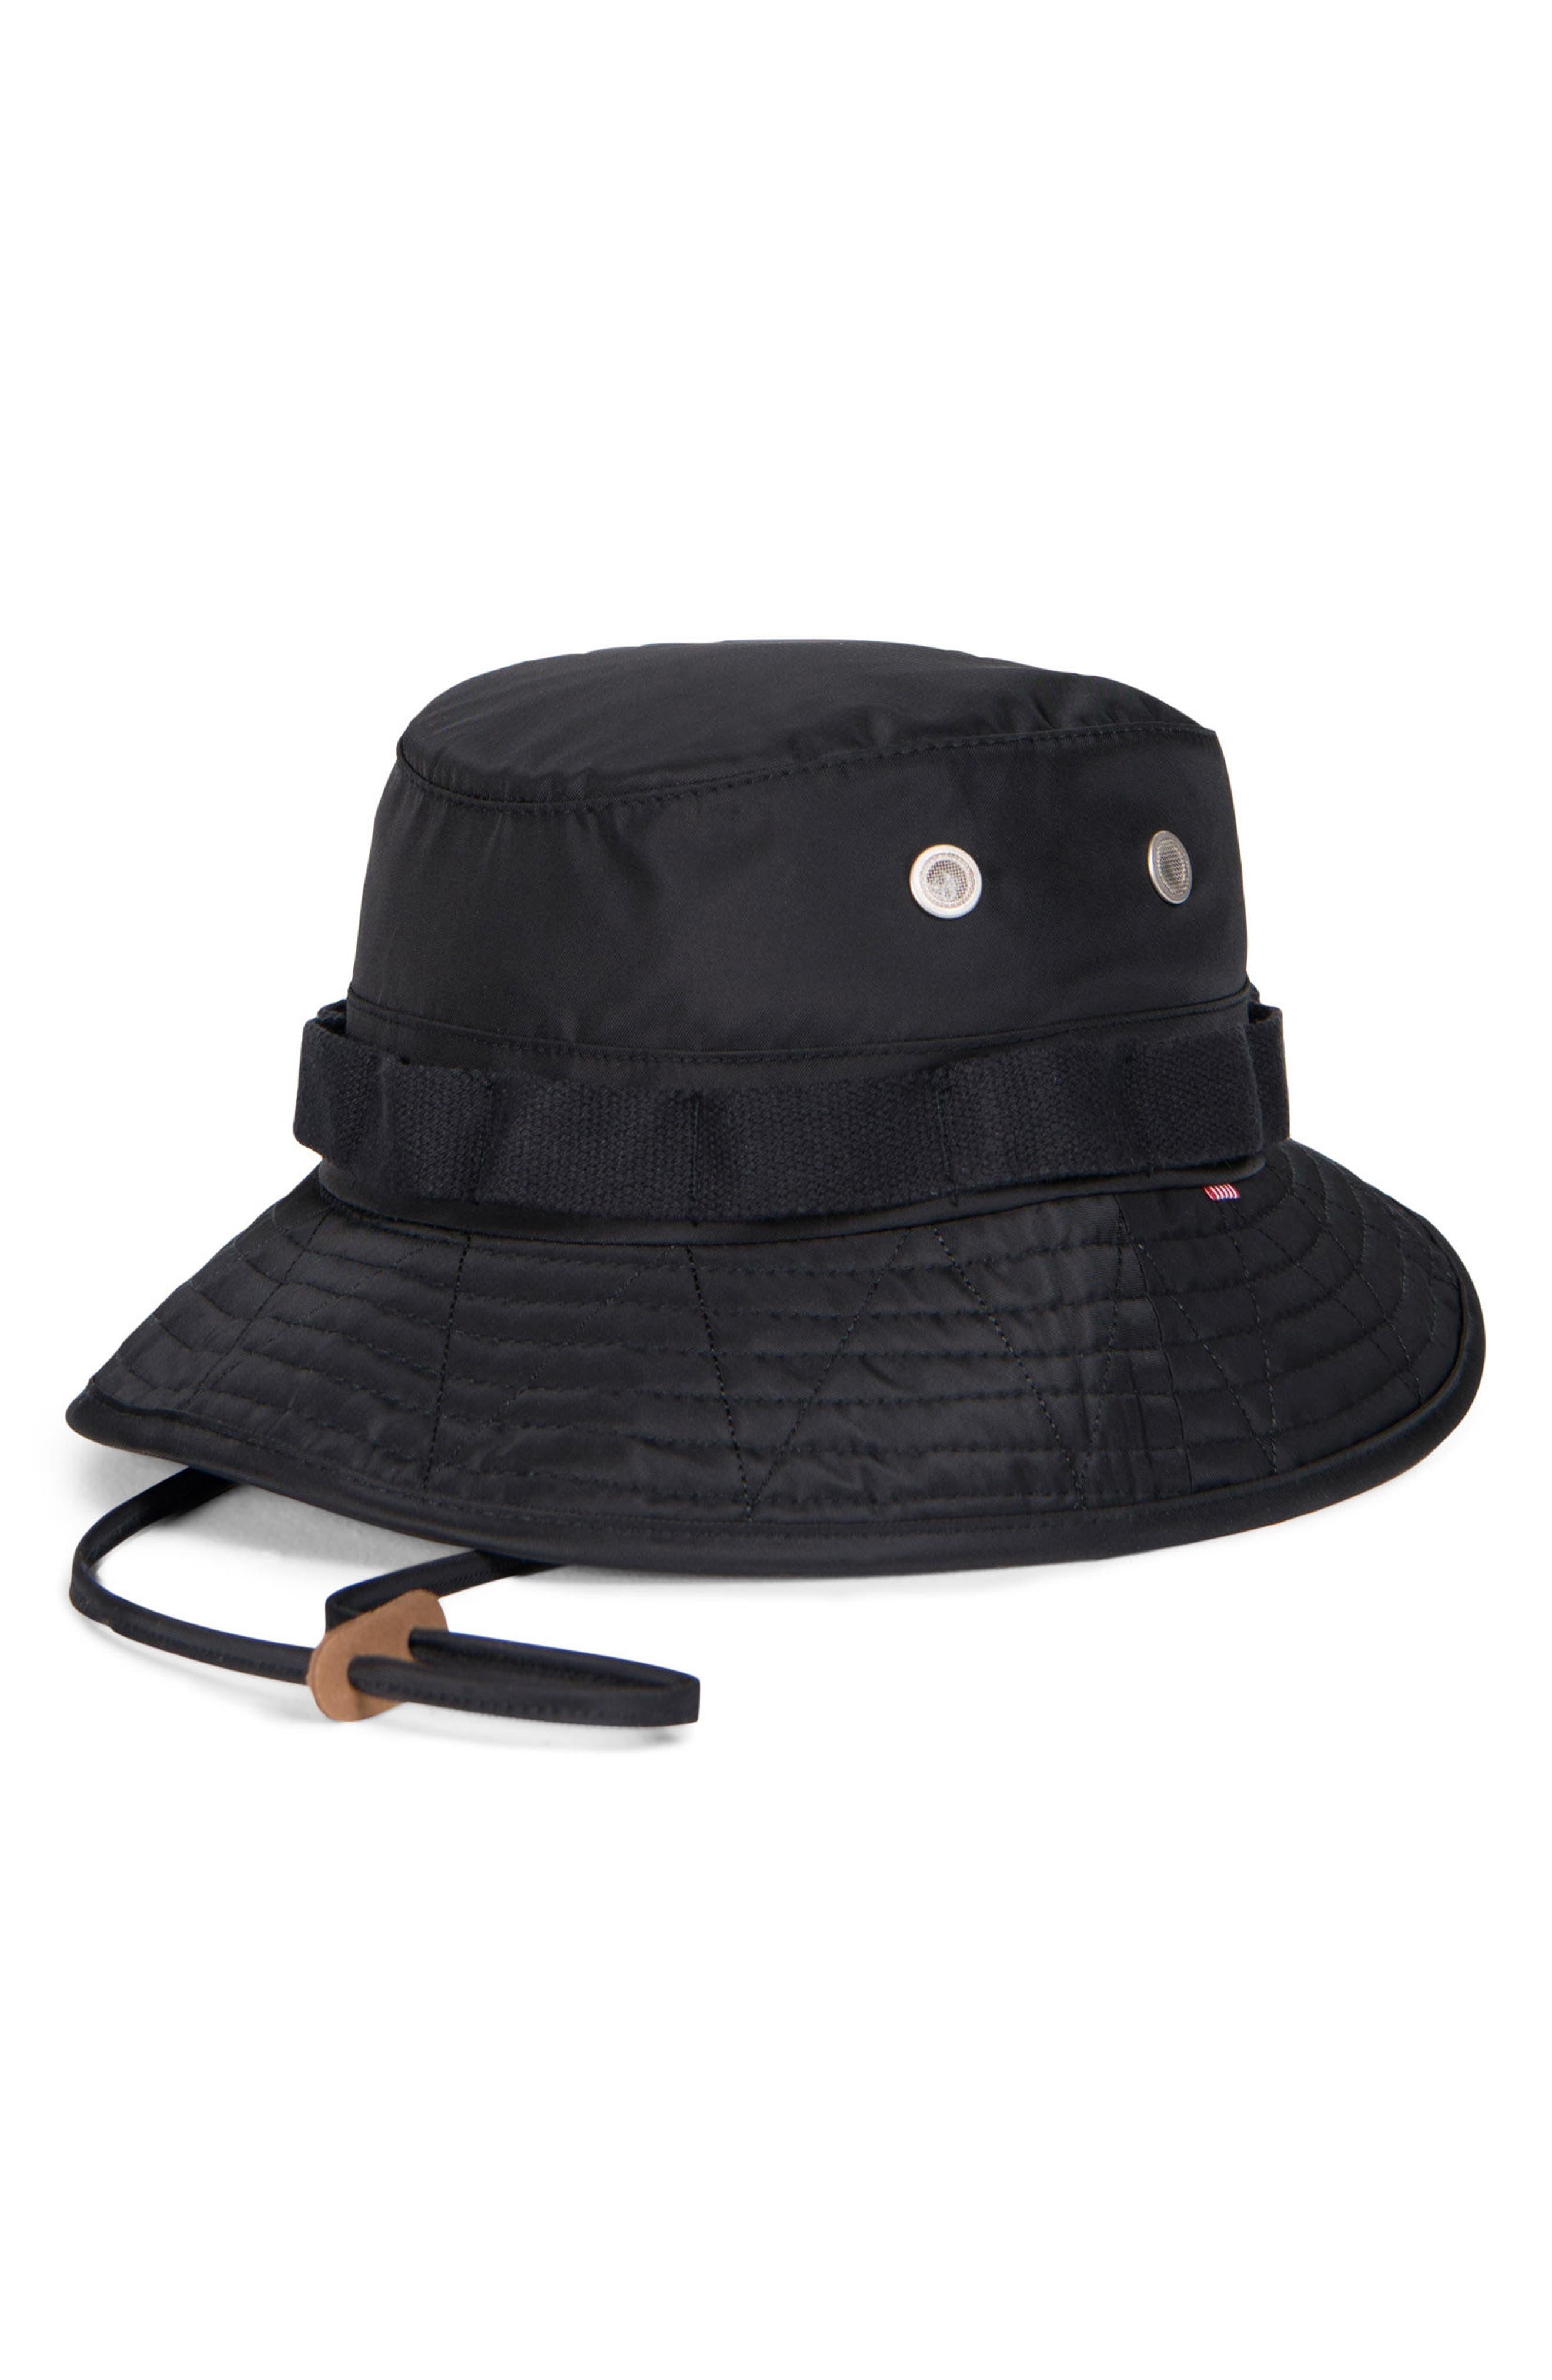 Creek Surplus Collection Bucket Hat,                             Main thumbnail 1, color,                             001